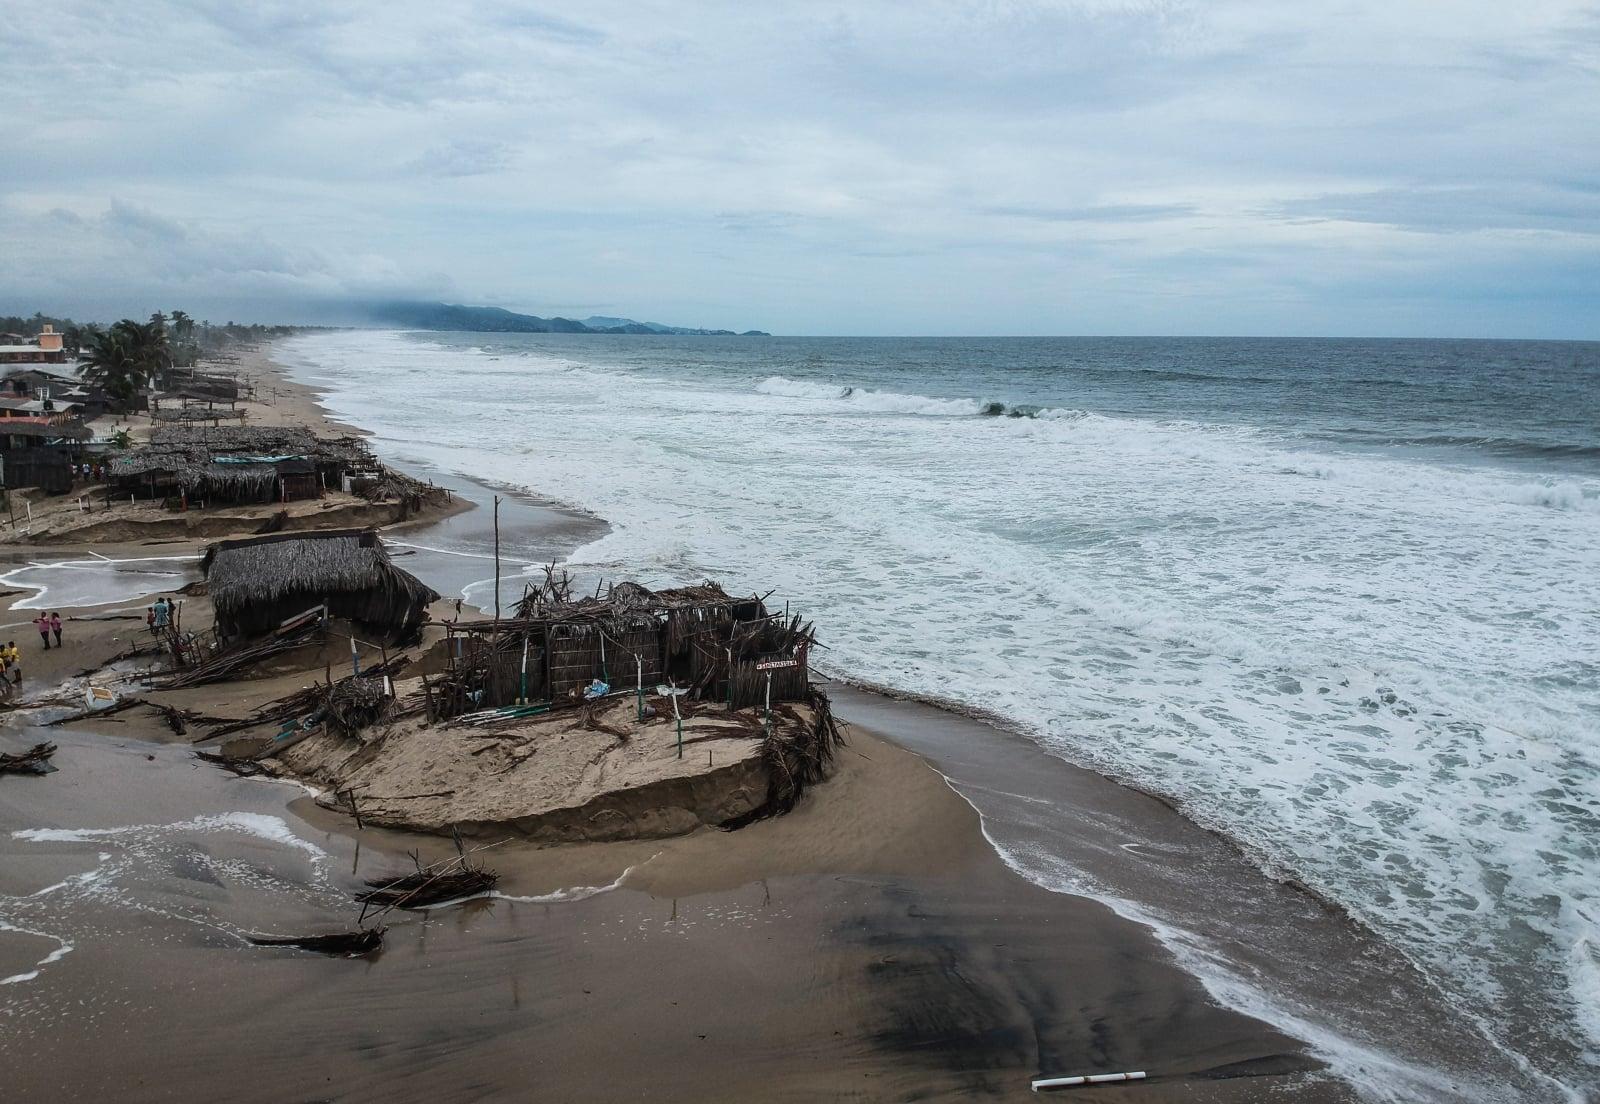 Huragan na wybrzeżu Acapulco, Guerrero, Meksyk, fot. EPA/David Guzman